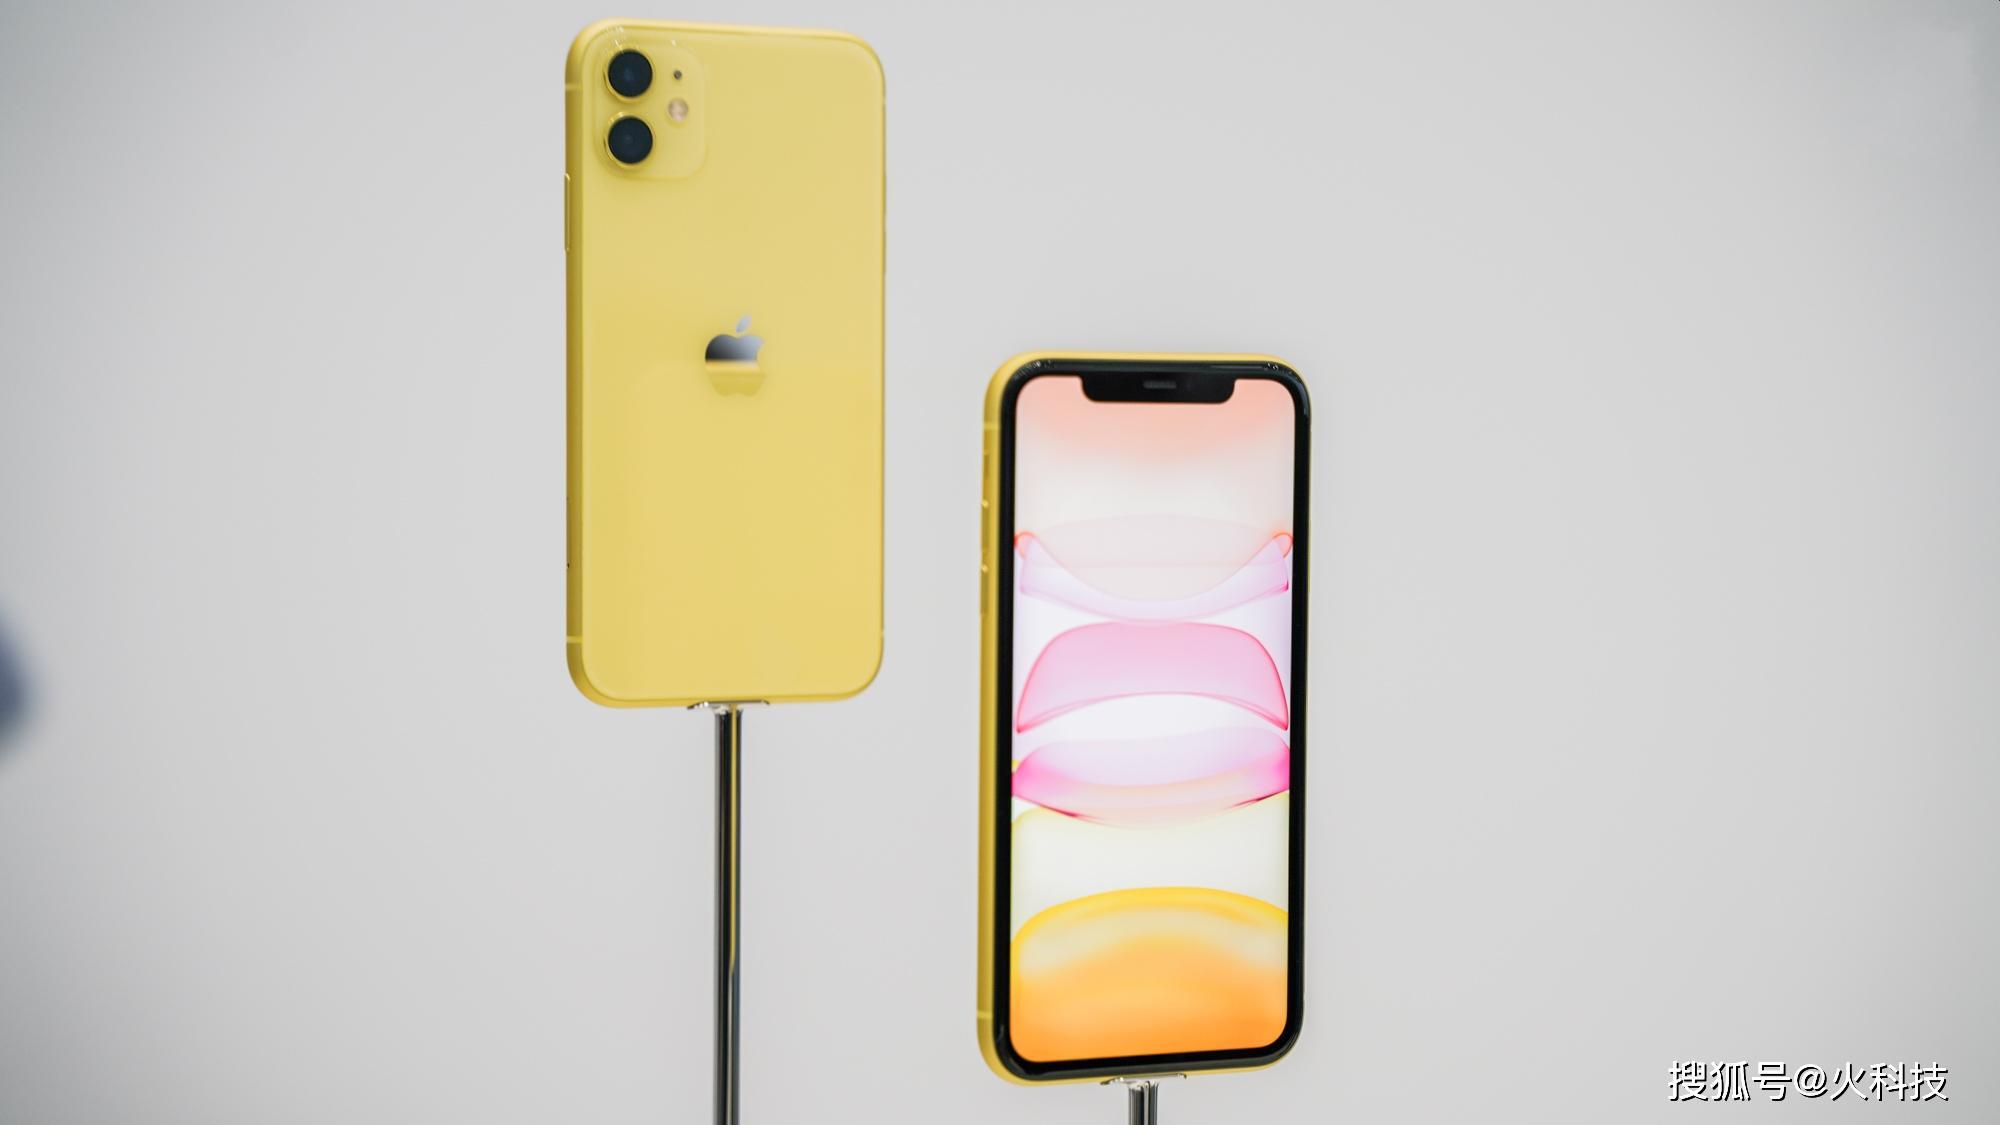 年底了不喜欢安卓手机想换苹果,看看12月最值得选的4款iPhone